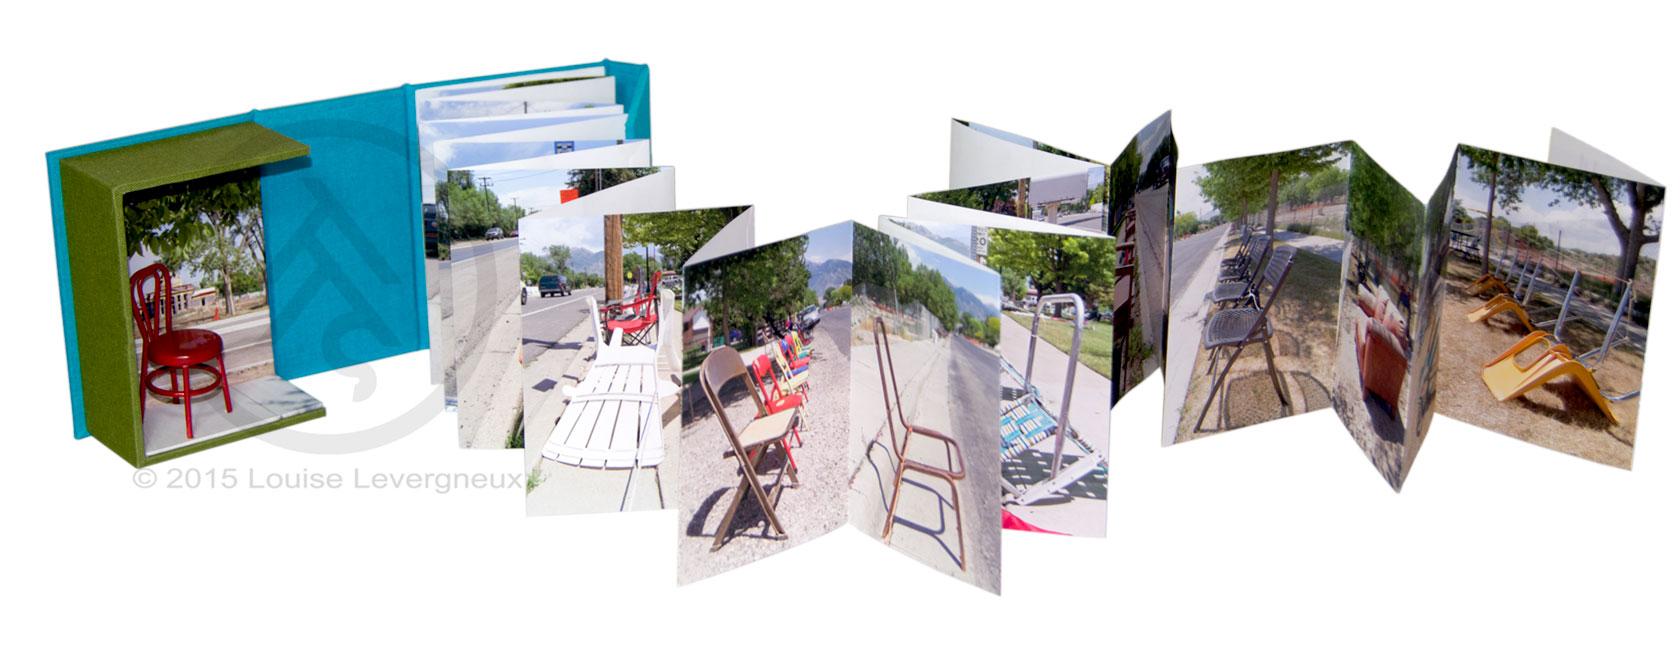 09-Parade-Extemded_WEB.jpg